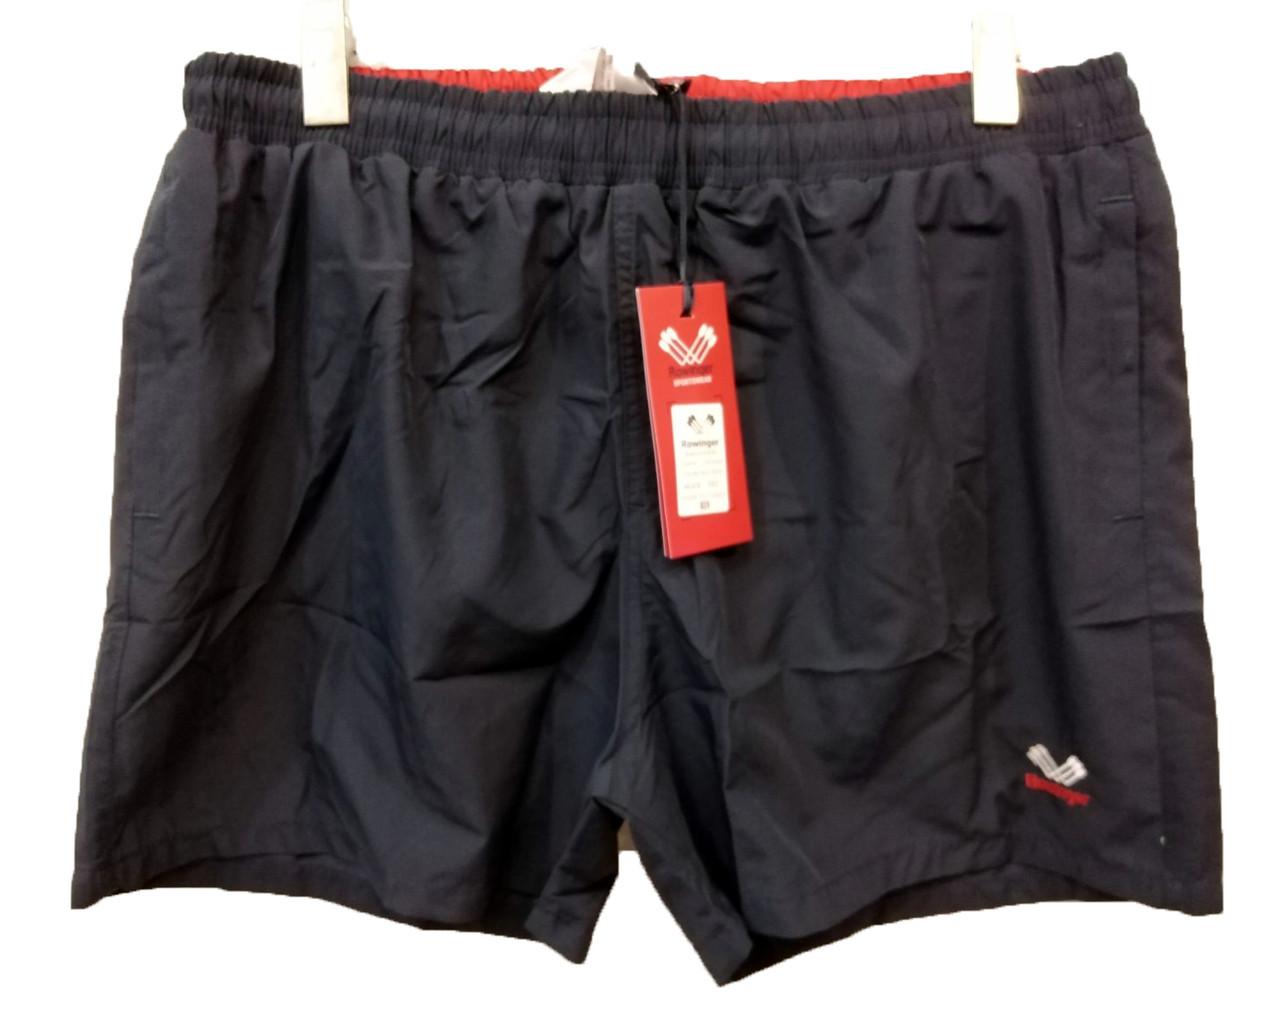 Мужские шорты большой размер Rowinger из плащевки для купания Темно-синие с красной резинкой